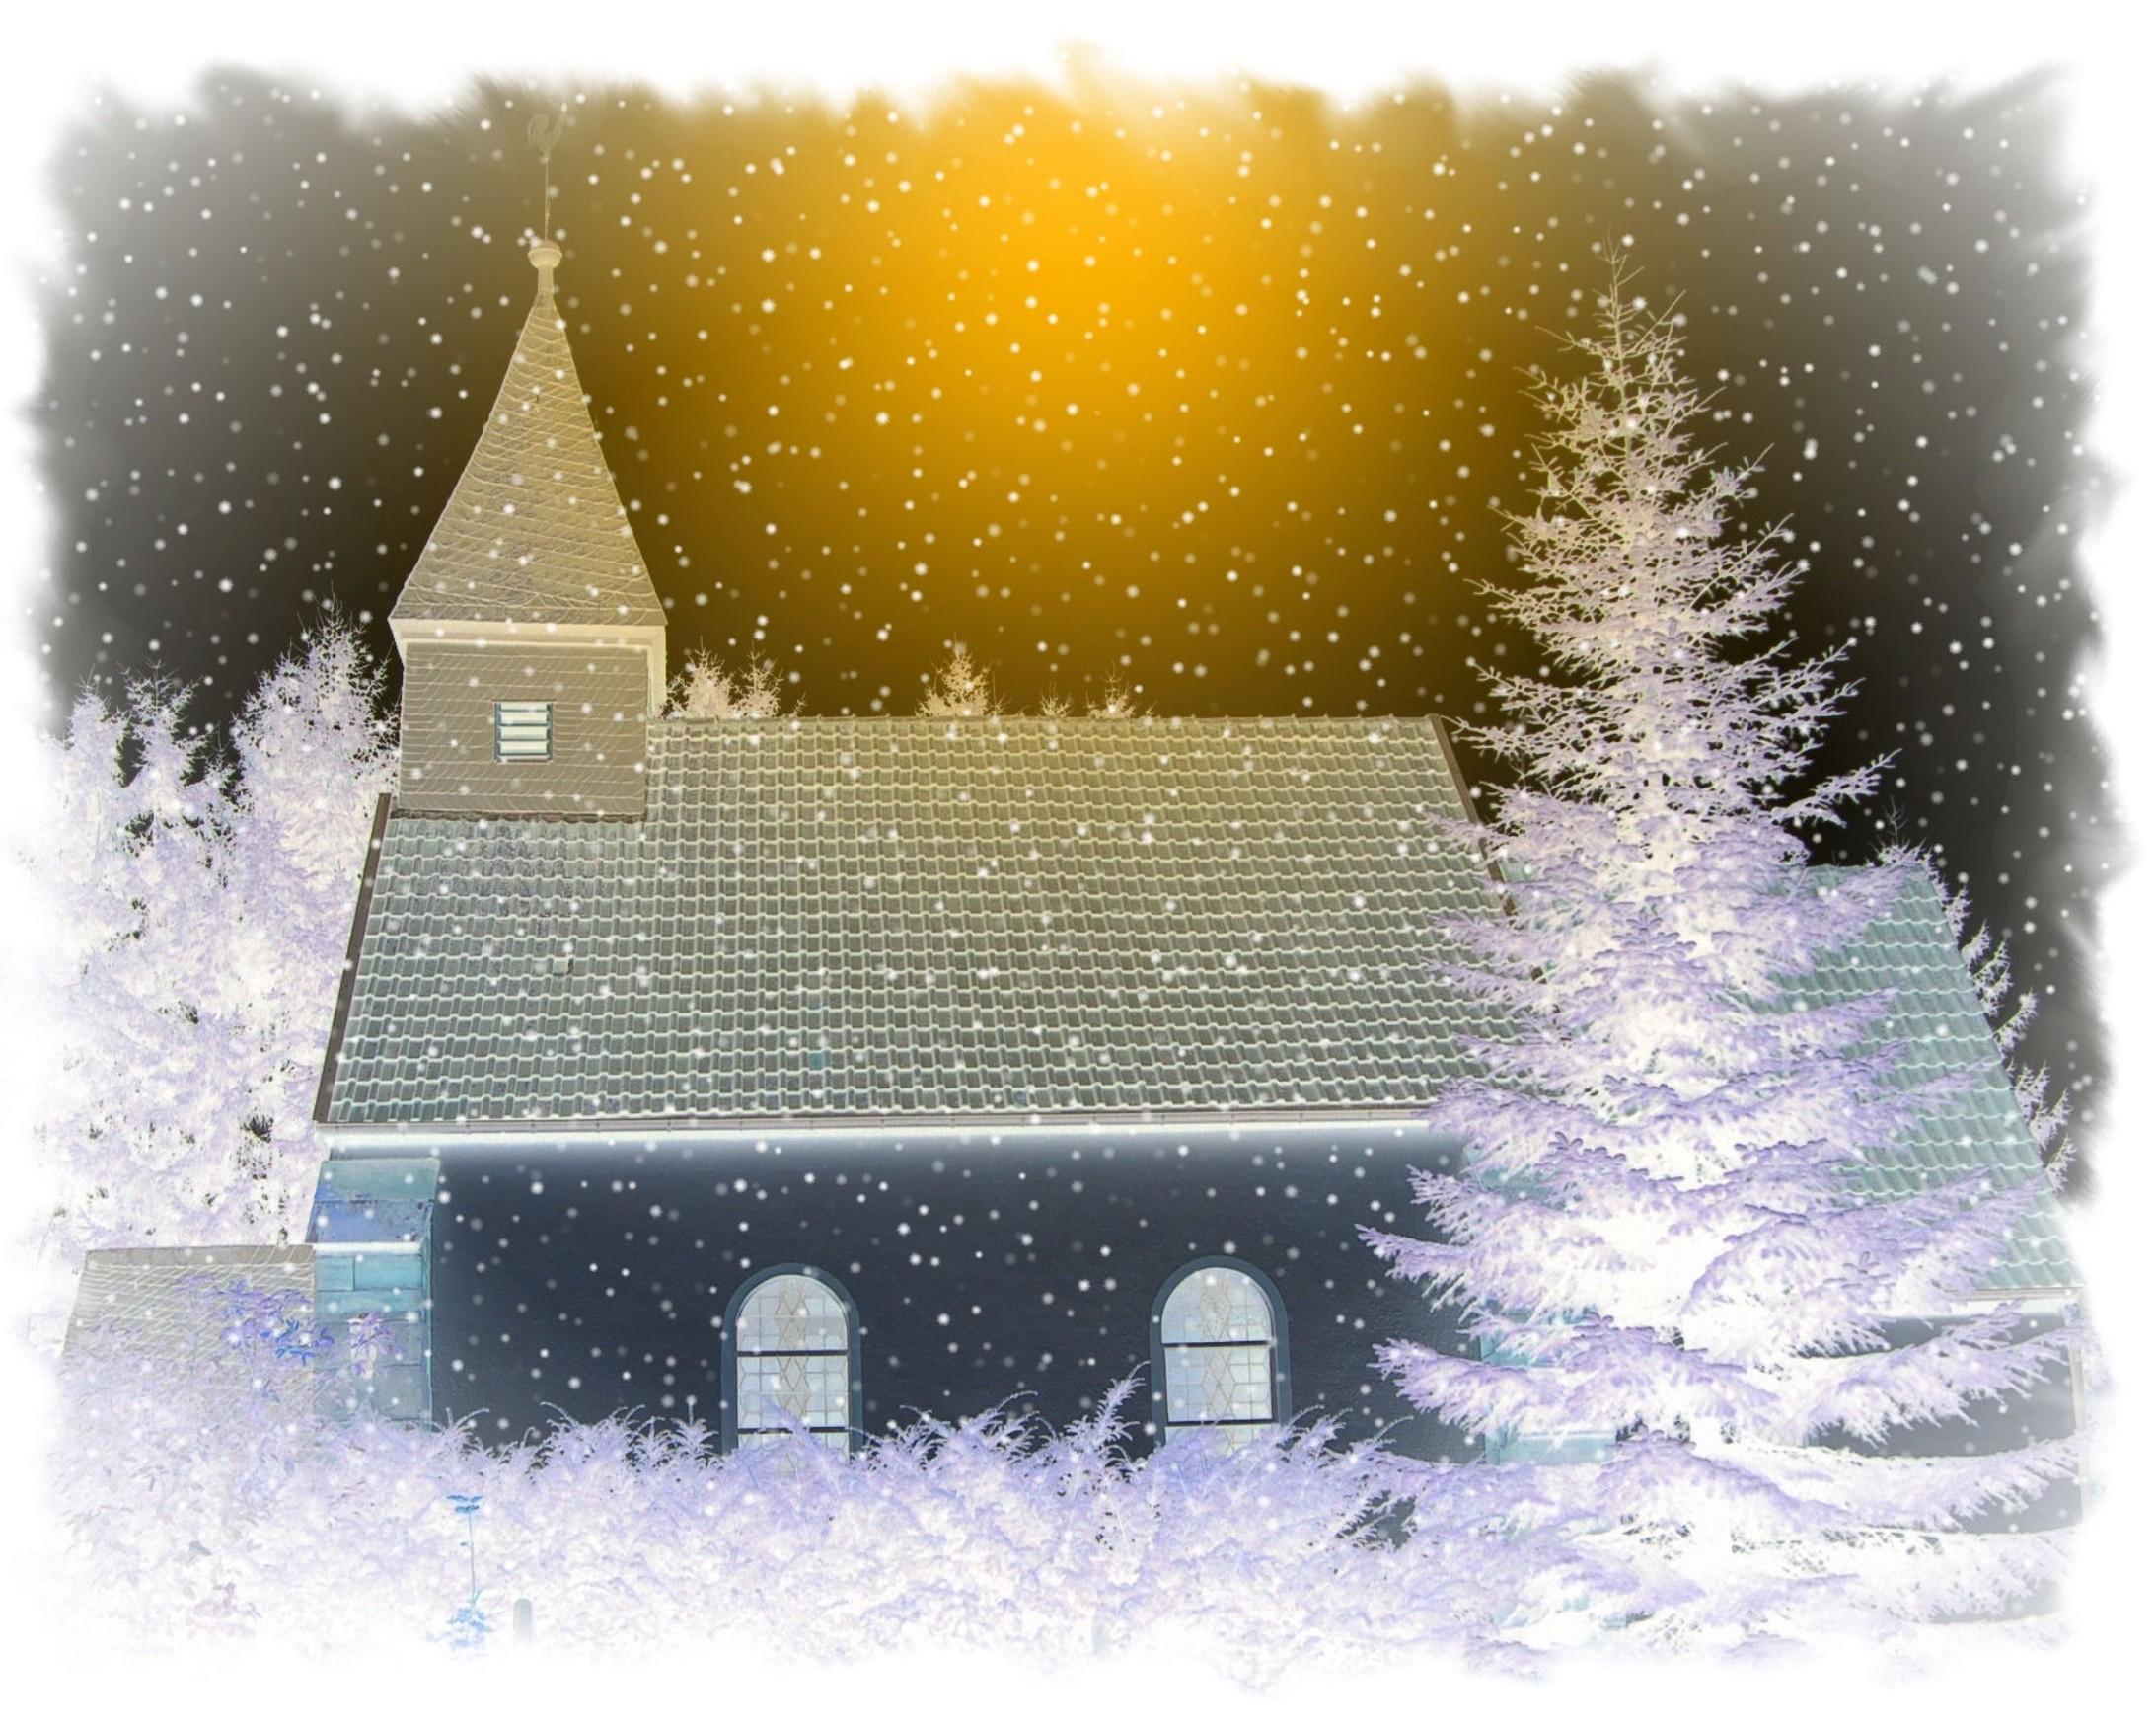 Bilder - Evangelische Kirchengemeinde Vohwinkel